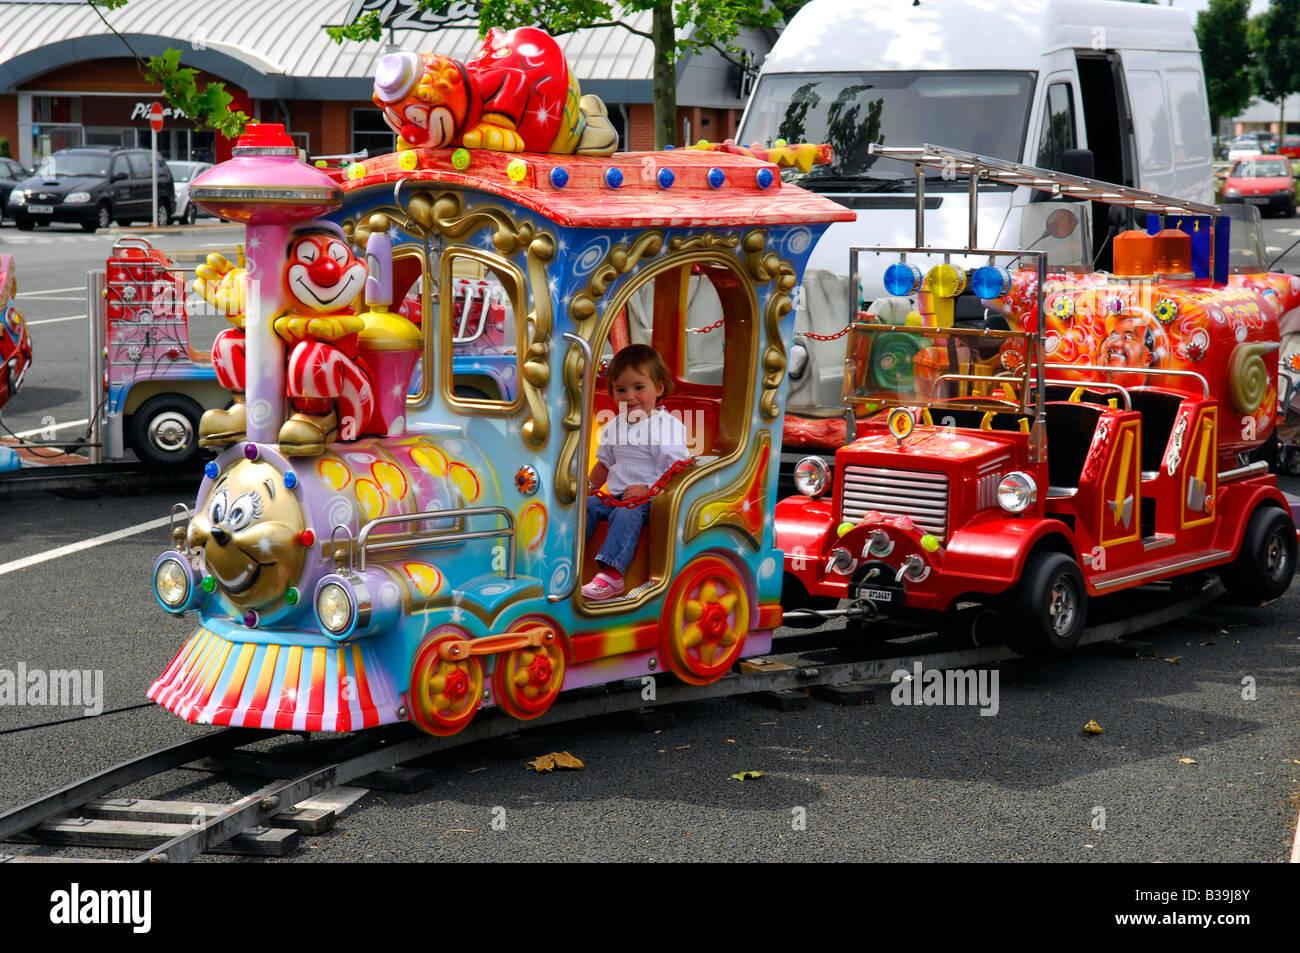 fcf6c9958b6b kiddies fairground ride choo choo train children colour fun Stock ...